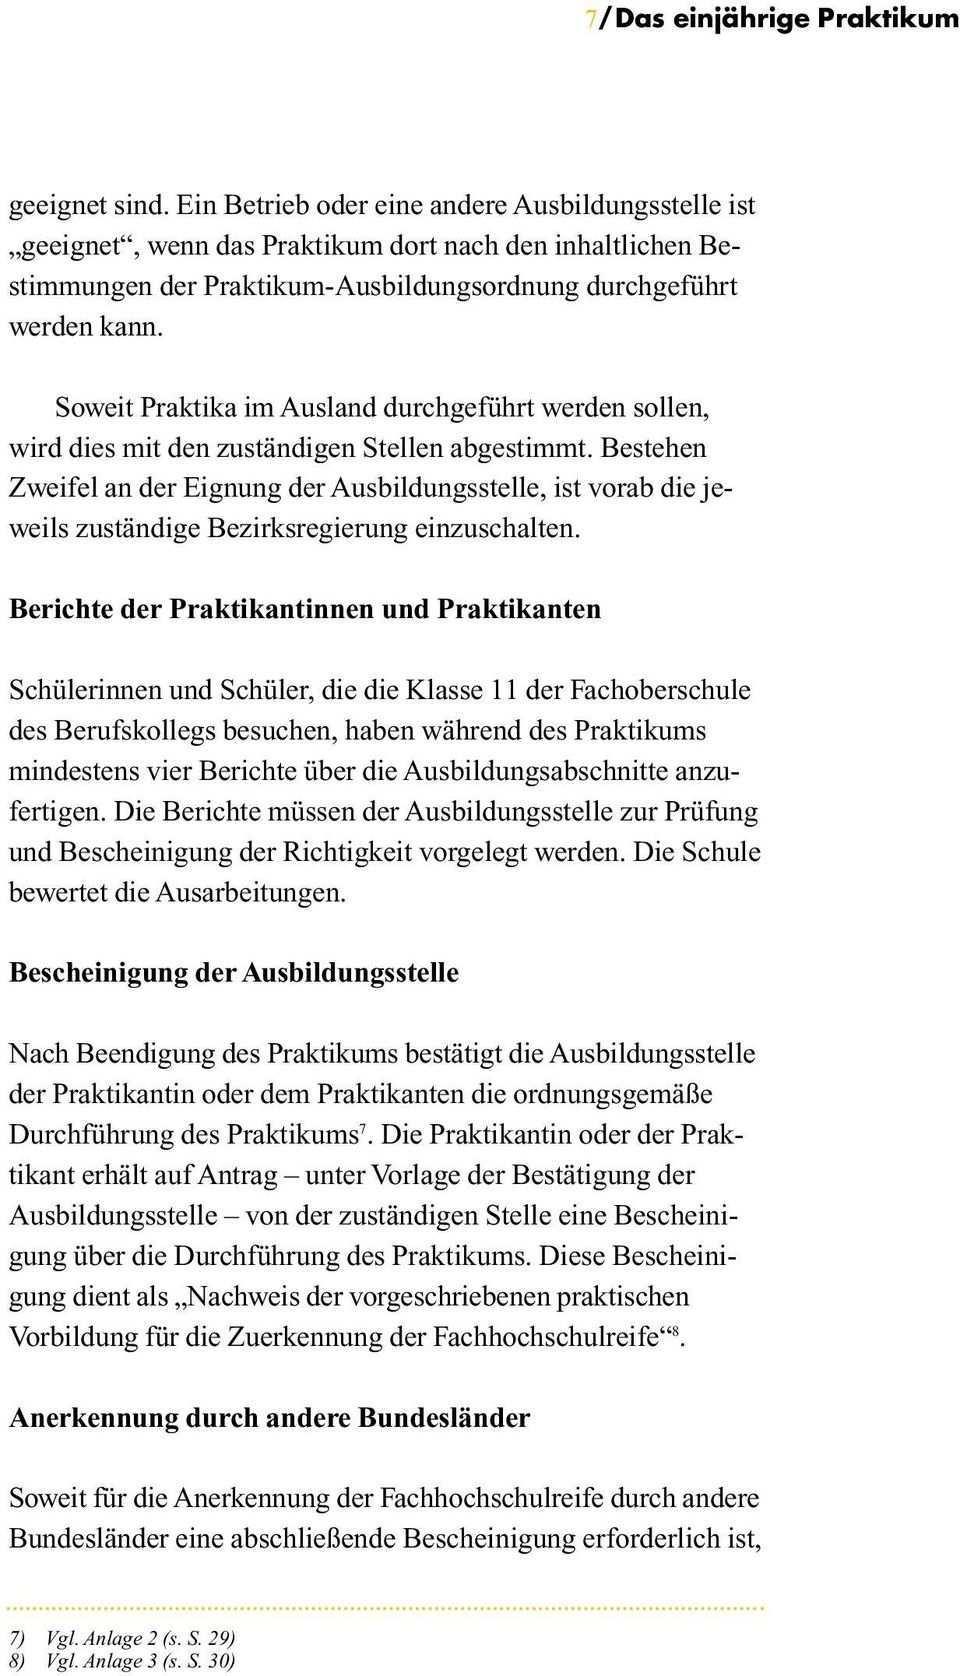 Ministerium Fur Schule Jugend Und Kinder Des Landes Nordrhein Westfalen Das Praktikum Zum Erwerb Der Fachhochschulreife Pdf Free Download